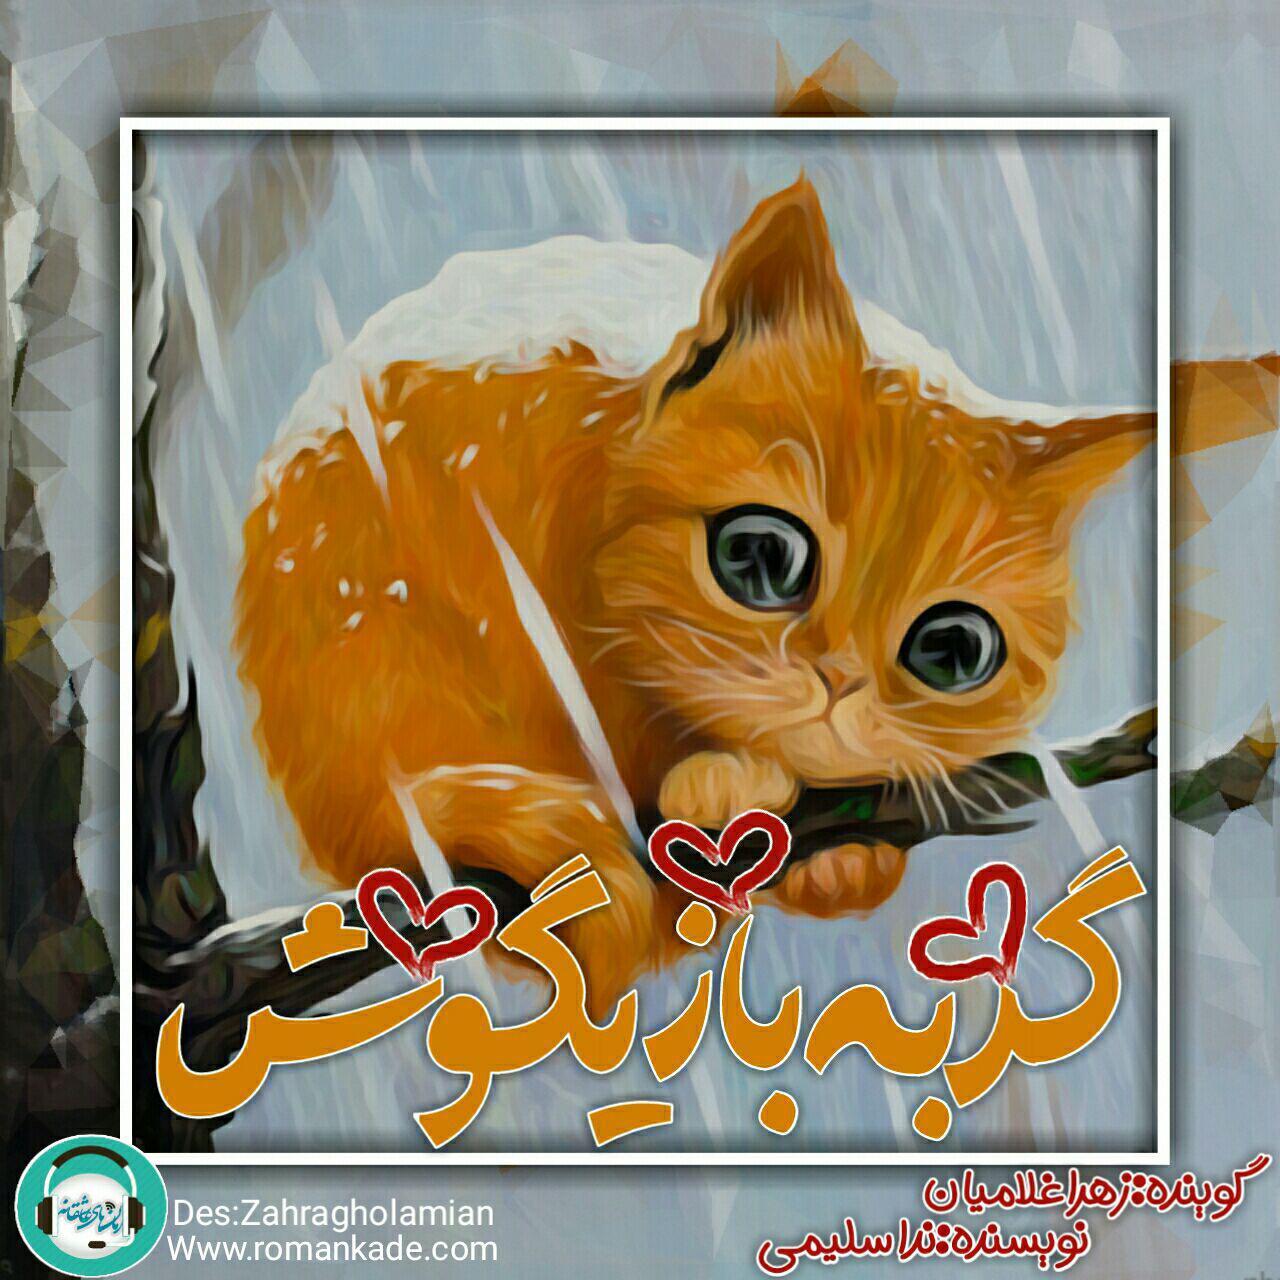 قصه صوتی گربه ی بازیگوش برای کودکان عزیز